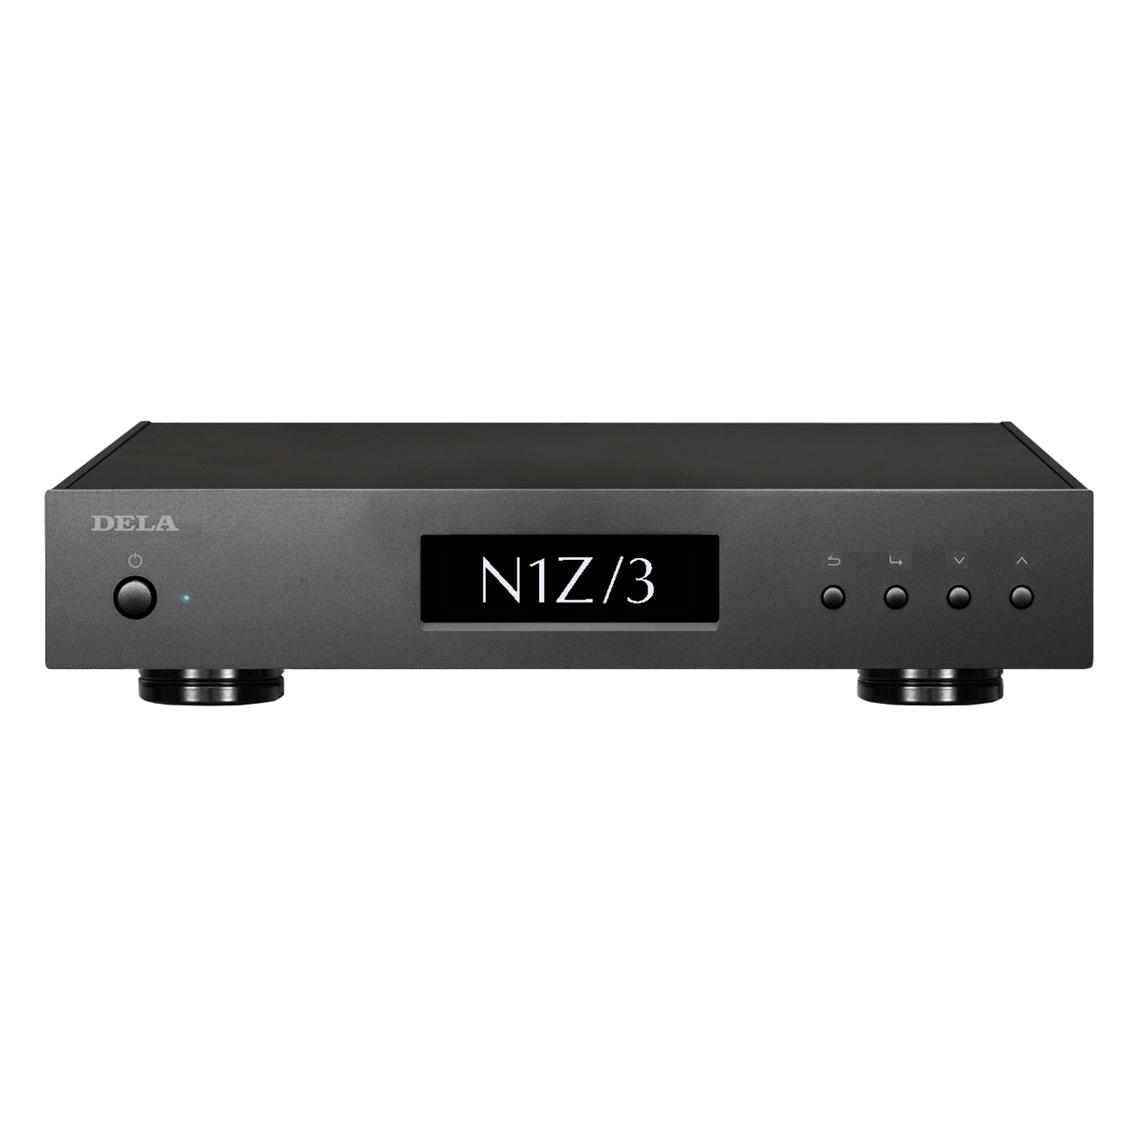 DELA N1Z/3-H60B ブラック デラ ミュージックライブラリー